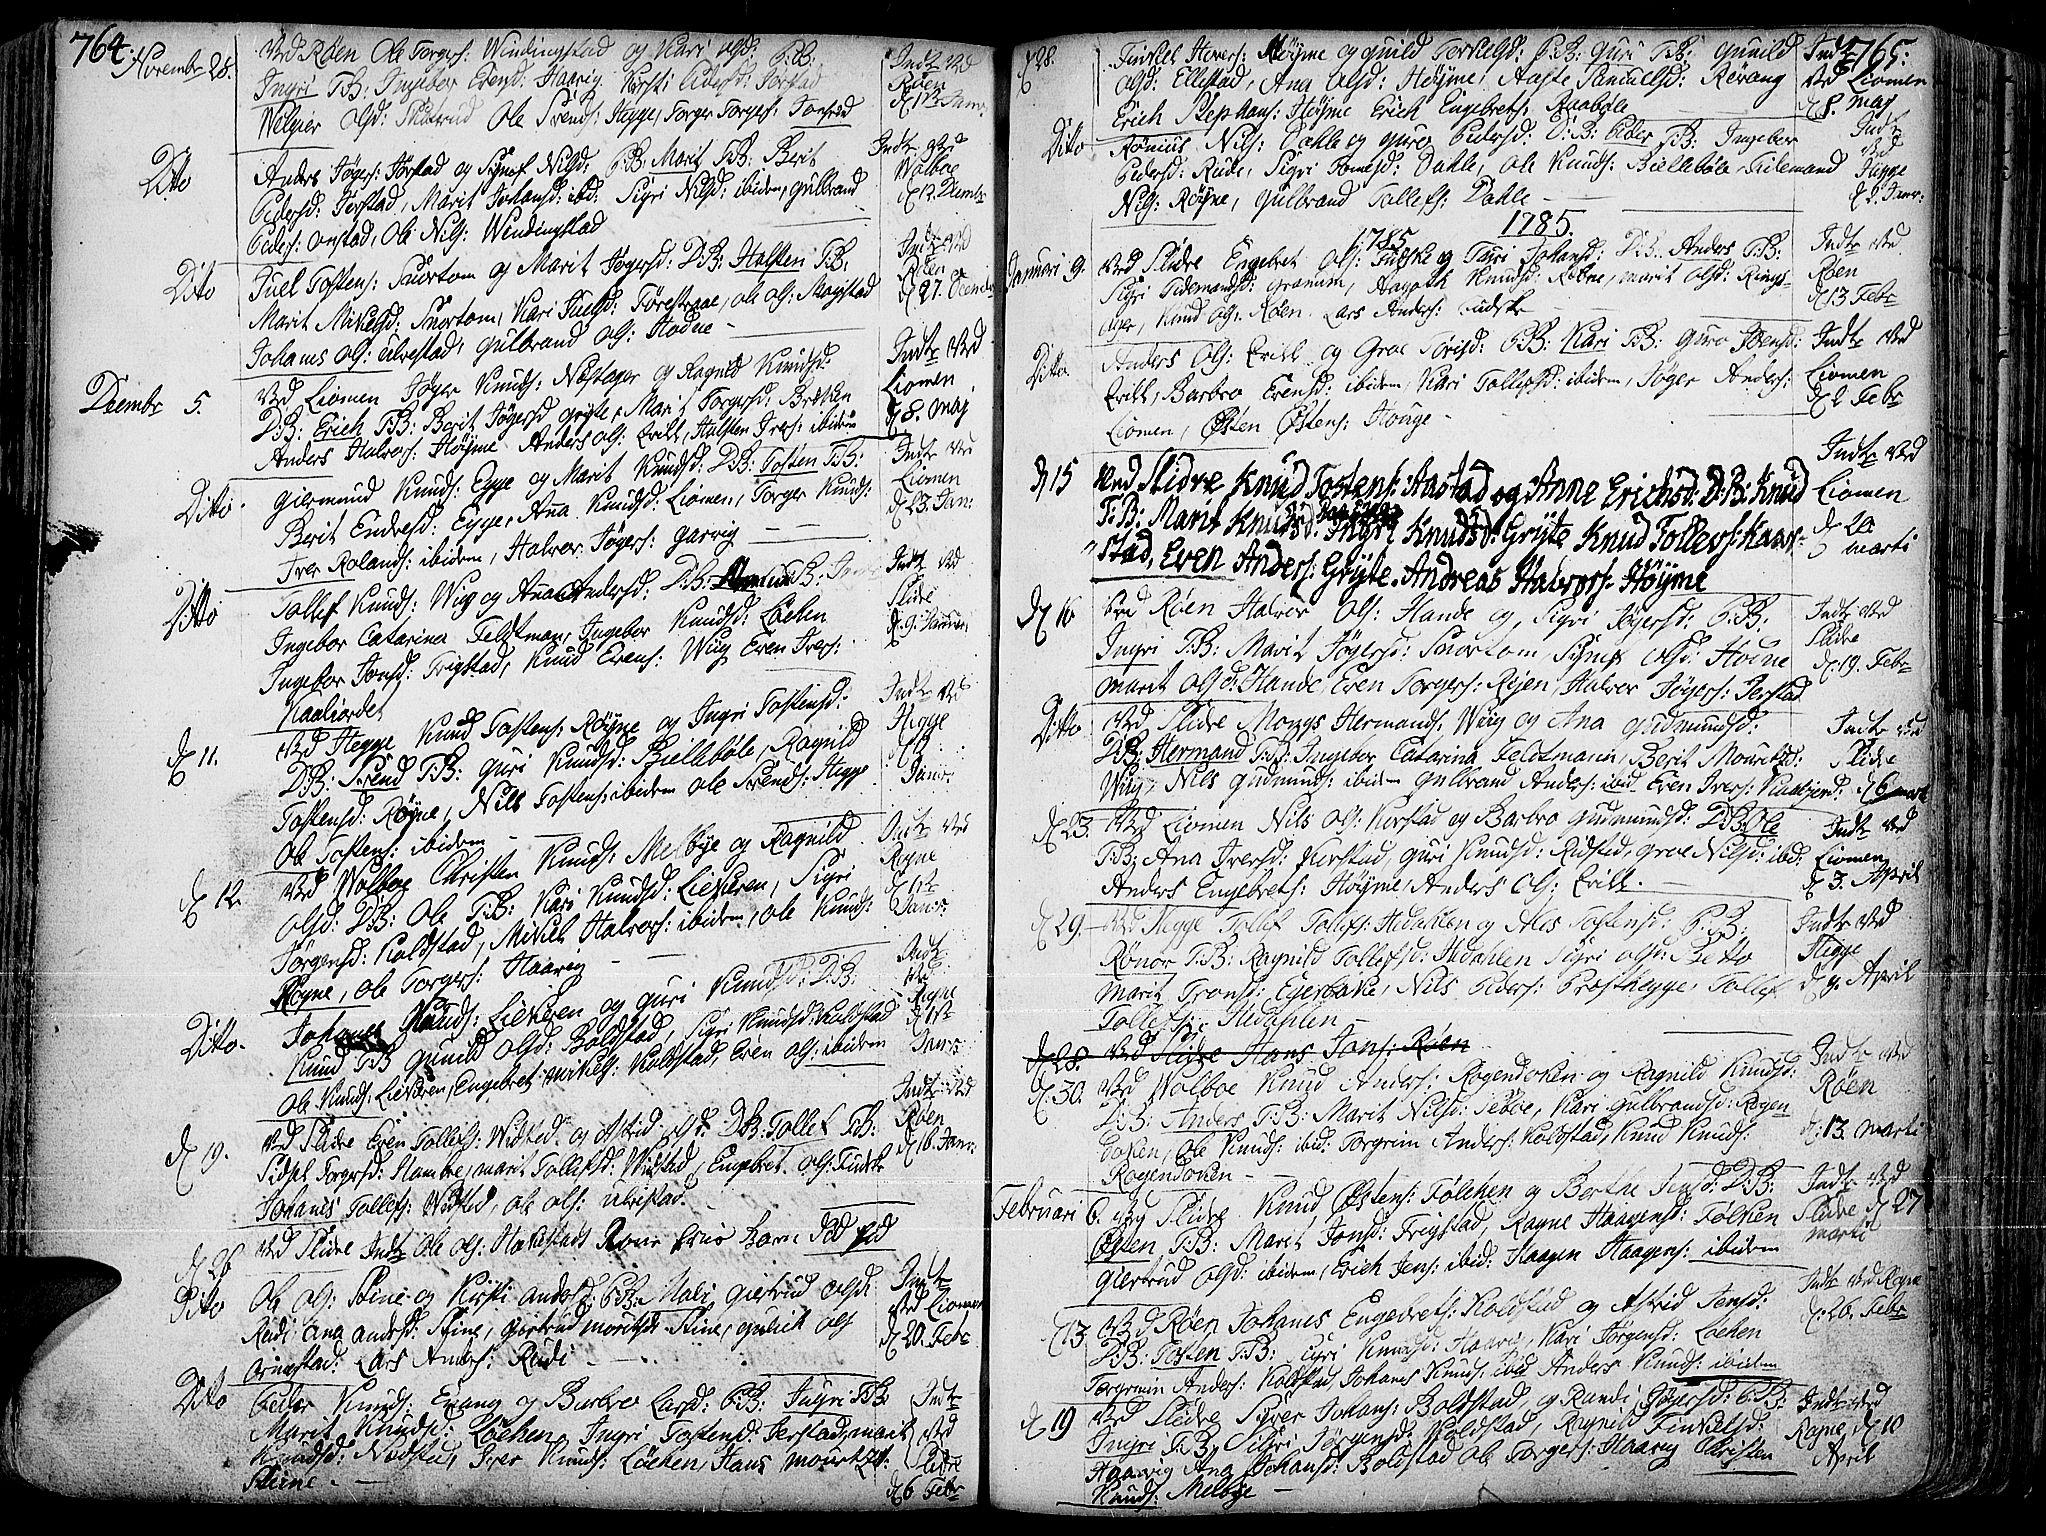 SAH, Slidre prestekontor, Ministerialbok nr. 1, 1724-1814, s. 764-765